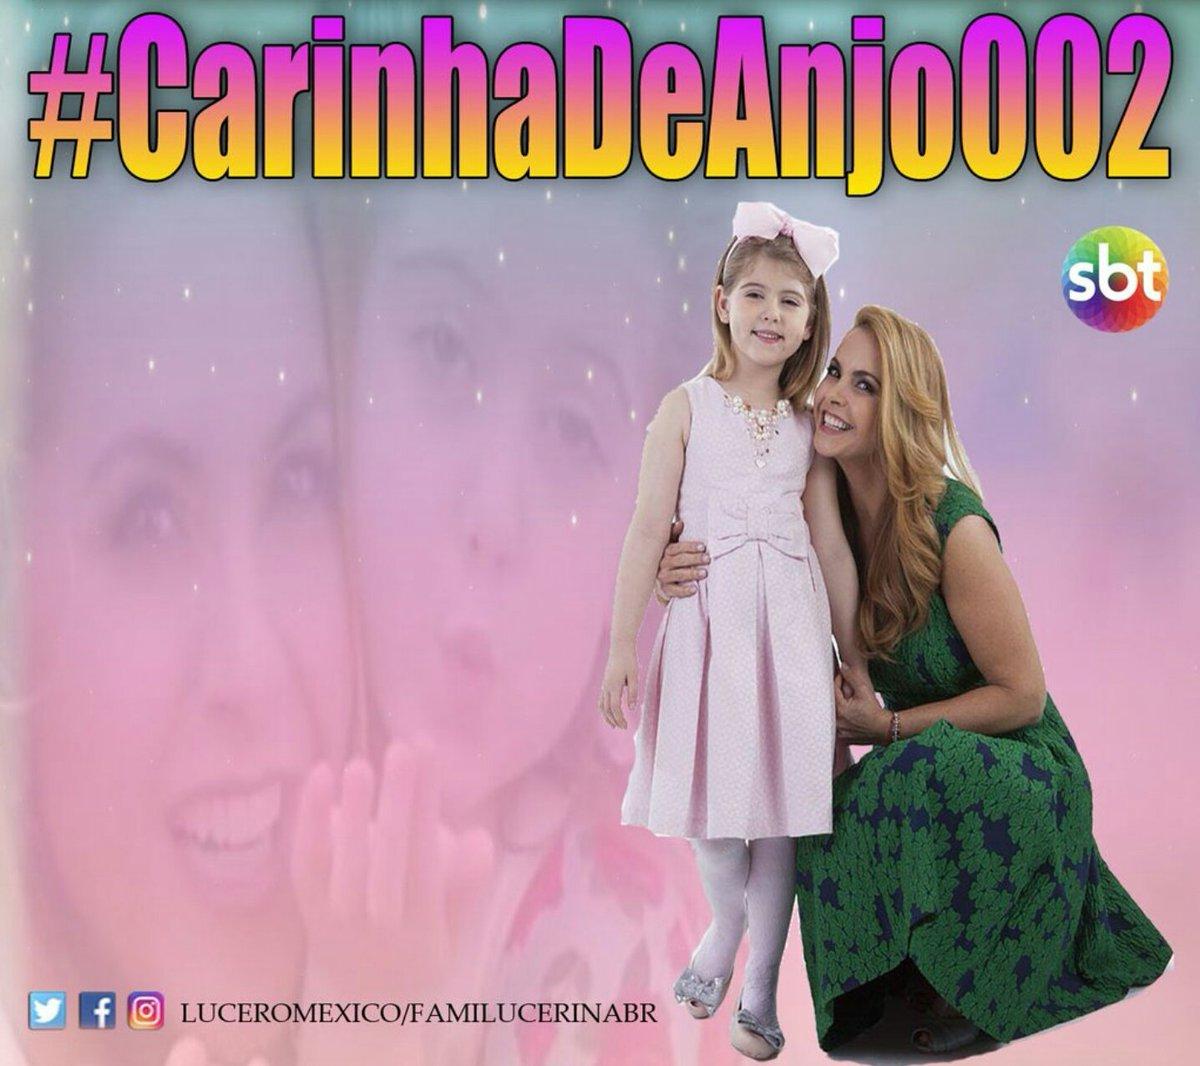 #CarinhaDeAnjo002: Carinha De Anjo 002